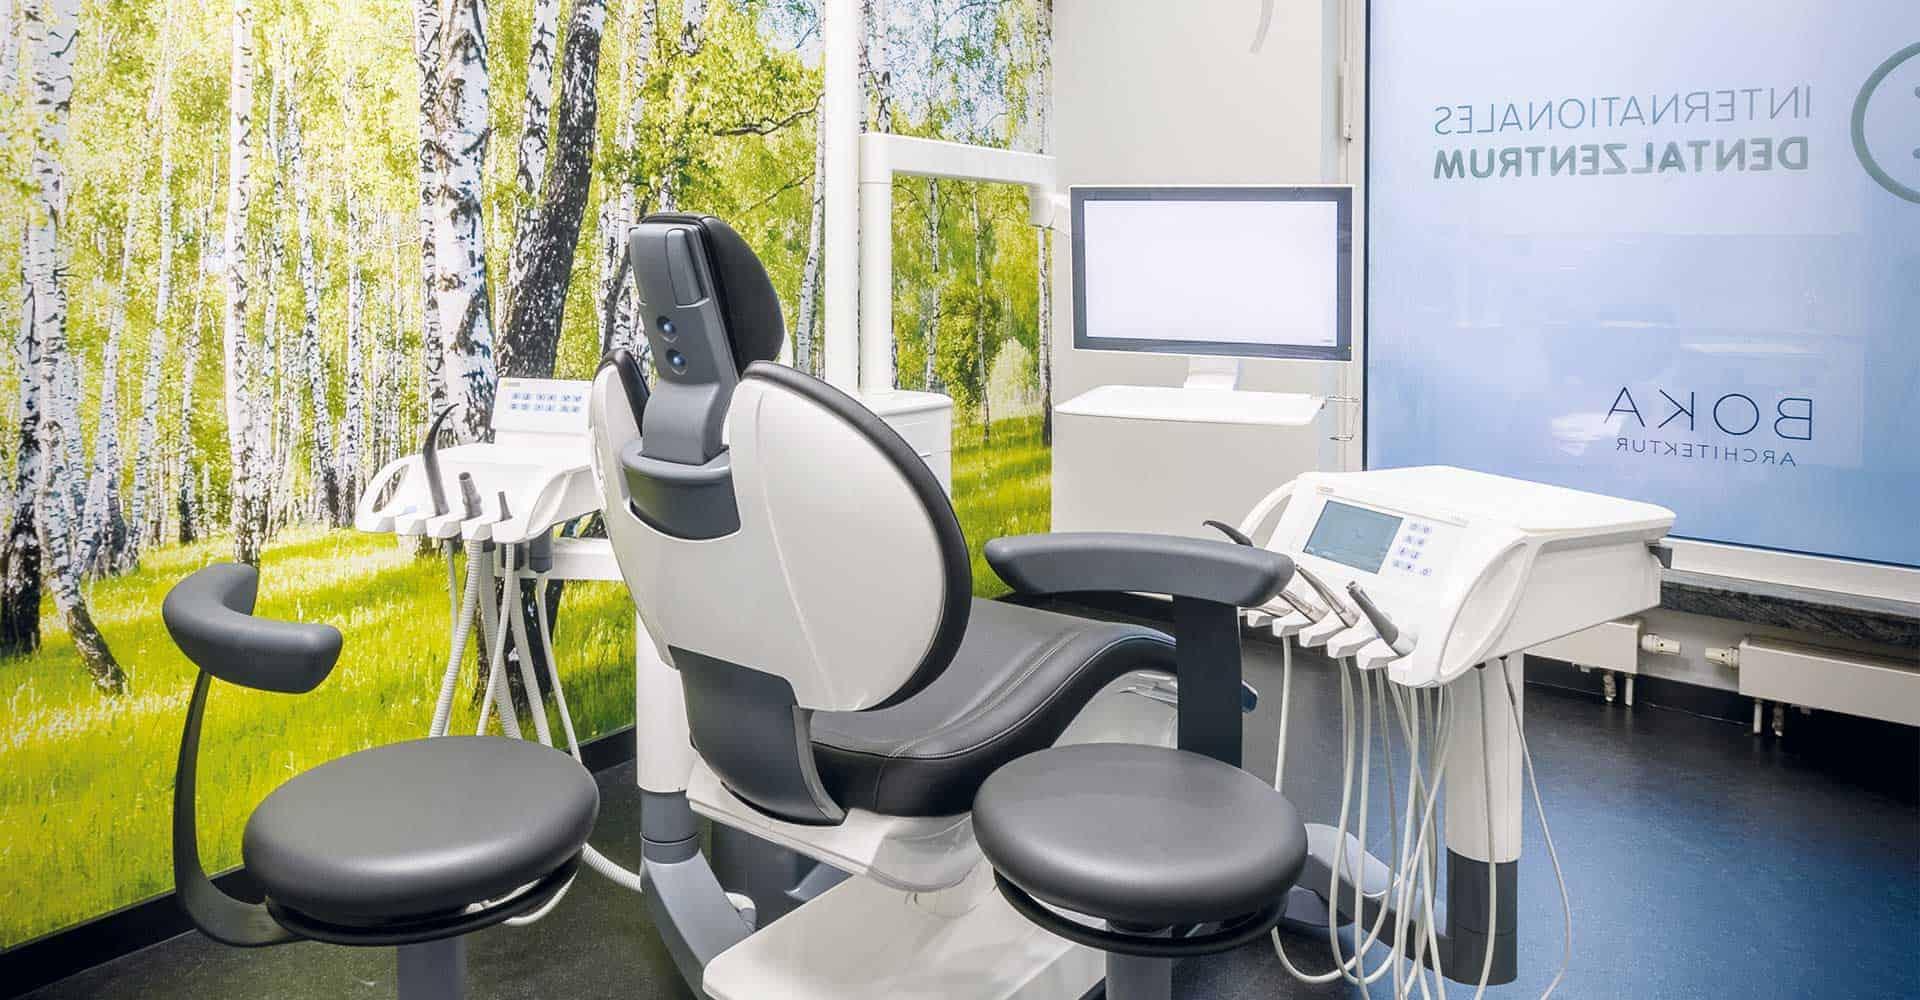 Internationales Dentalzentrum, Dr. A. Bittner, Dresden, Innenausbau, Praxis, GERL Dental, Praxisgemeinschaft, Architektur, GU-Leistung, Maler, Boden, Fliese, Trockenbau, 250 qm